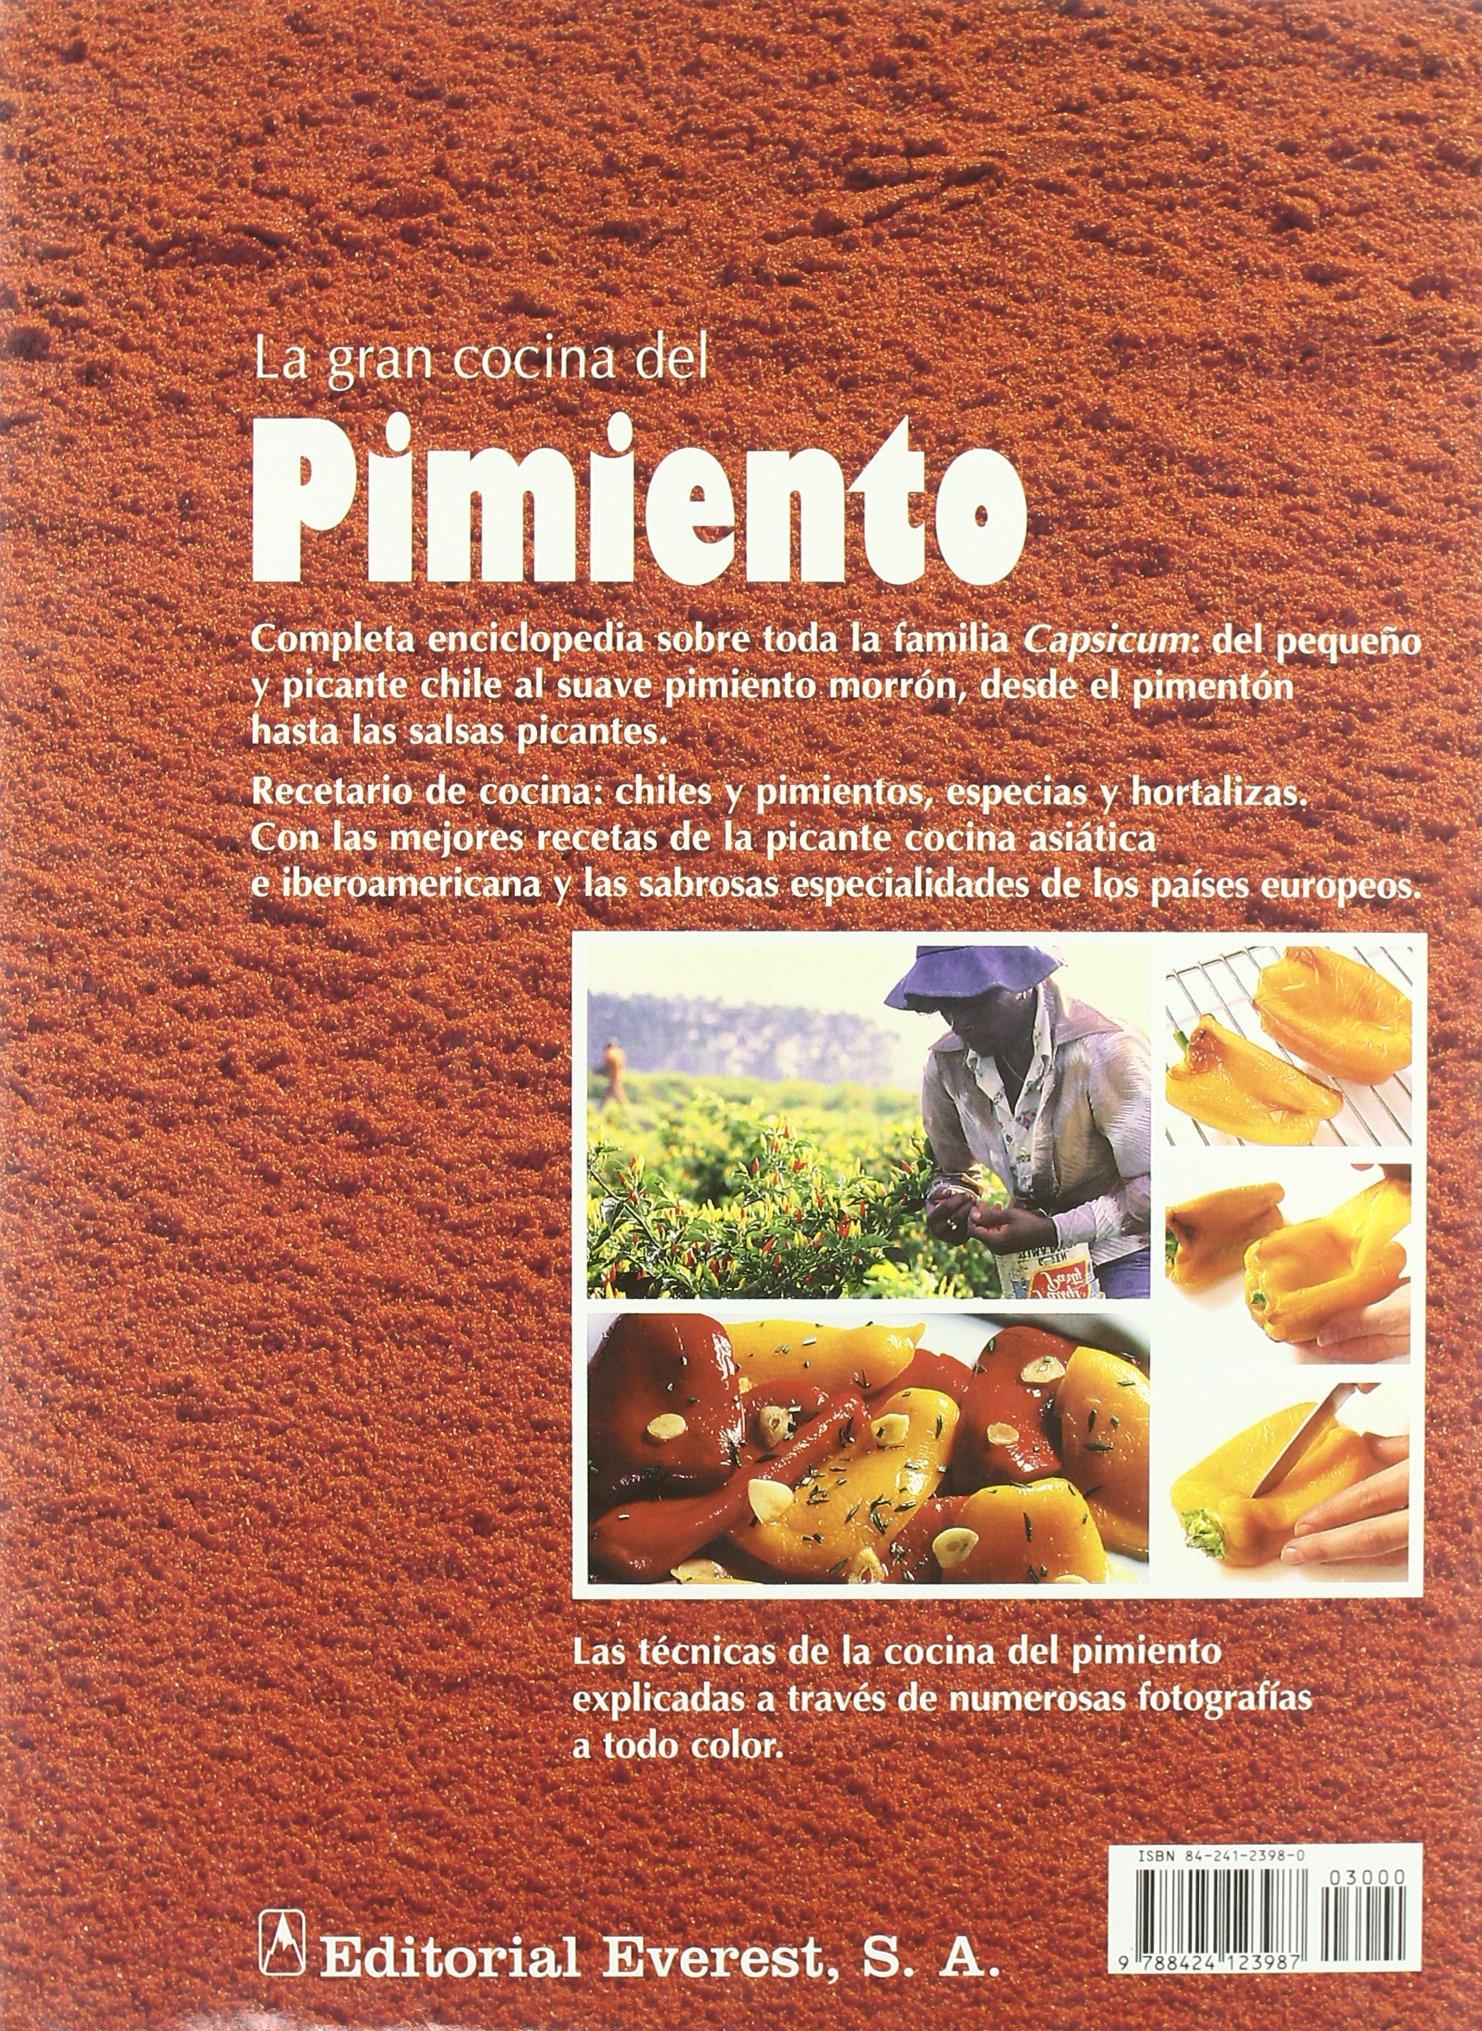 La Gran Cocina del Pimiento (Spanish Edition): Christian Teubner: 9788424123987: Amazon.com: Books